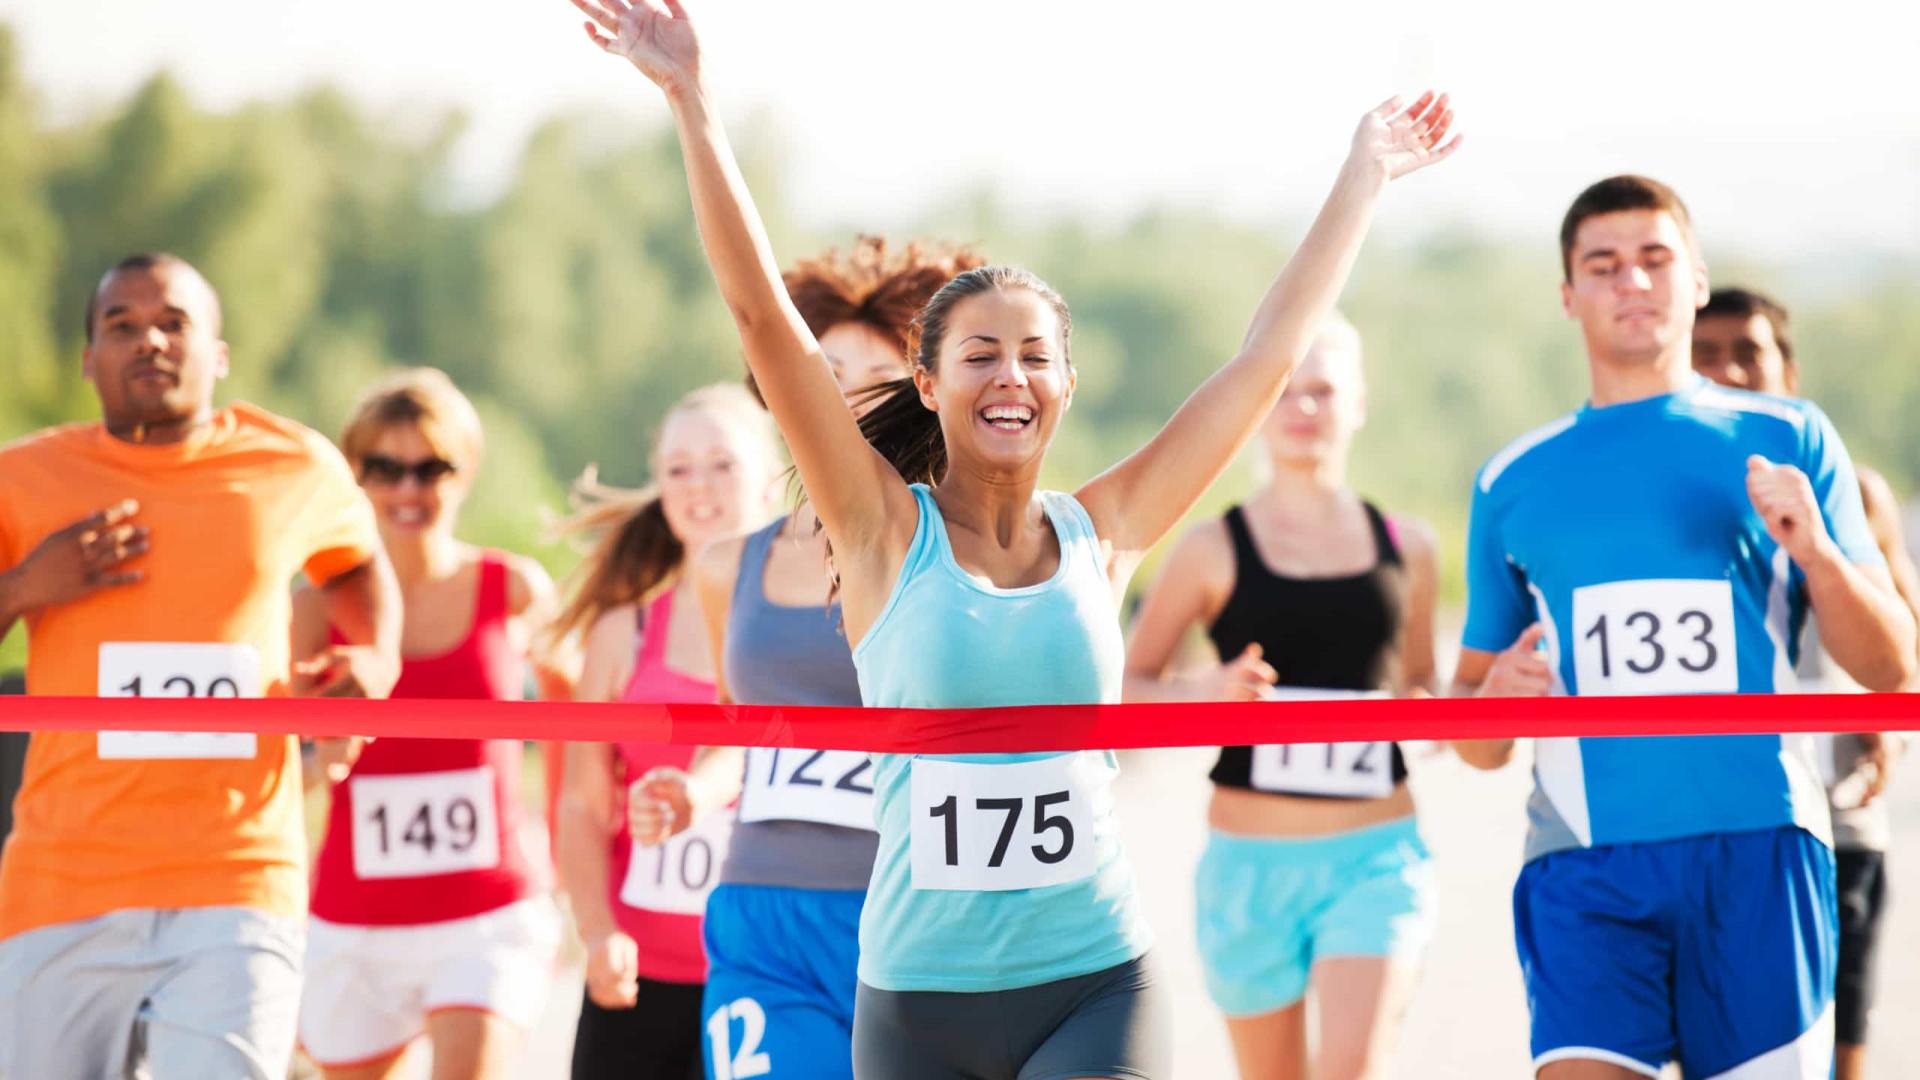 """Mulheres, o """"movimento excessivo dos seios"""" prejudica exercício físico"""